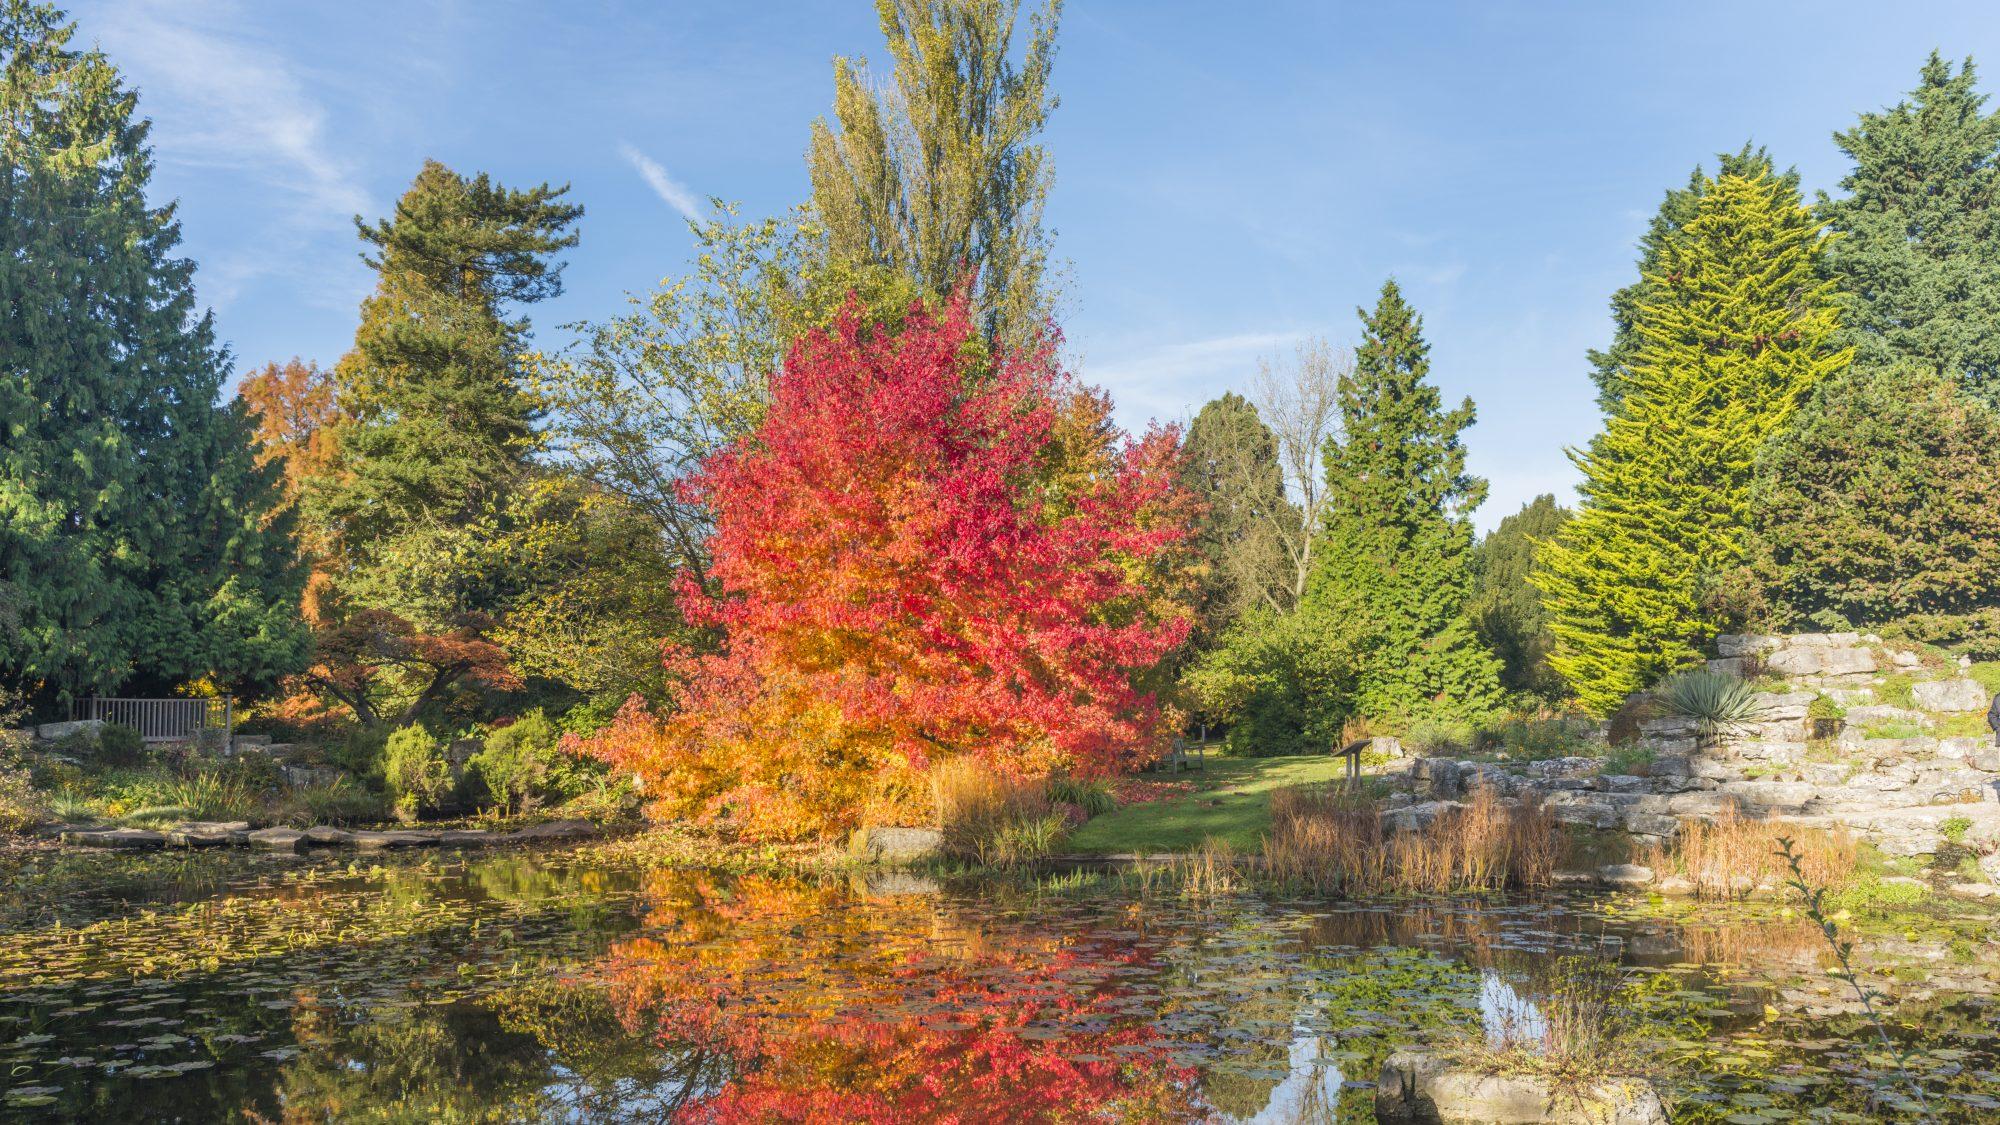 Autumn view in the Rock garden